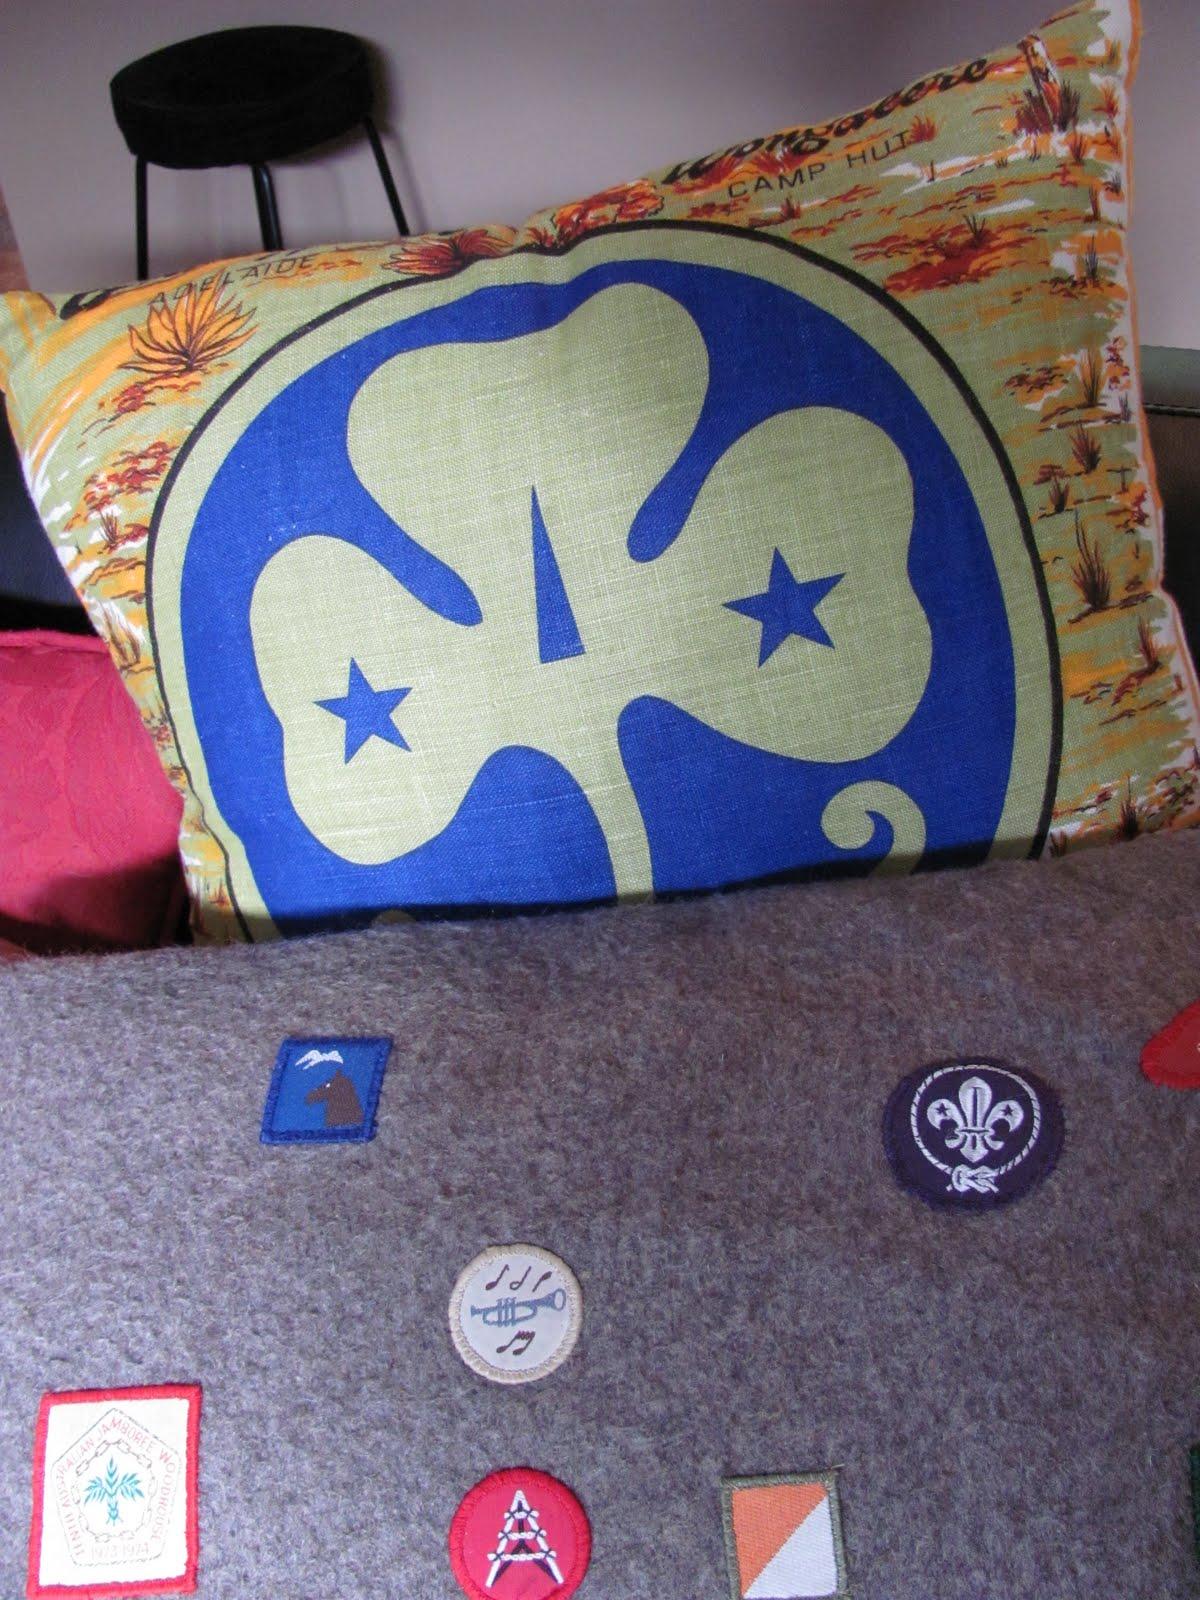 http://1.bp.blogspot.com/_k72ZY2zXc3o/TTjIeM6KE6I/AAAAAAAACp8/0t4djN9q8wY/s1600/cushions%252B023.JPG